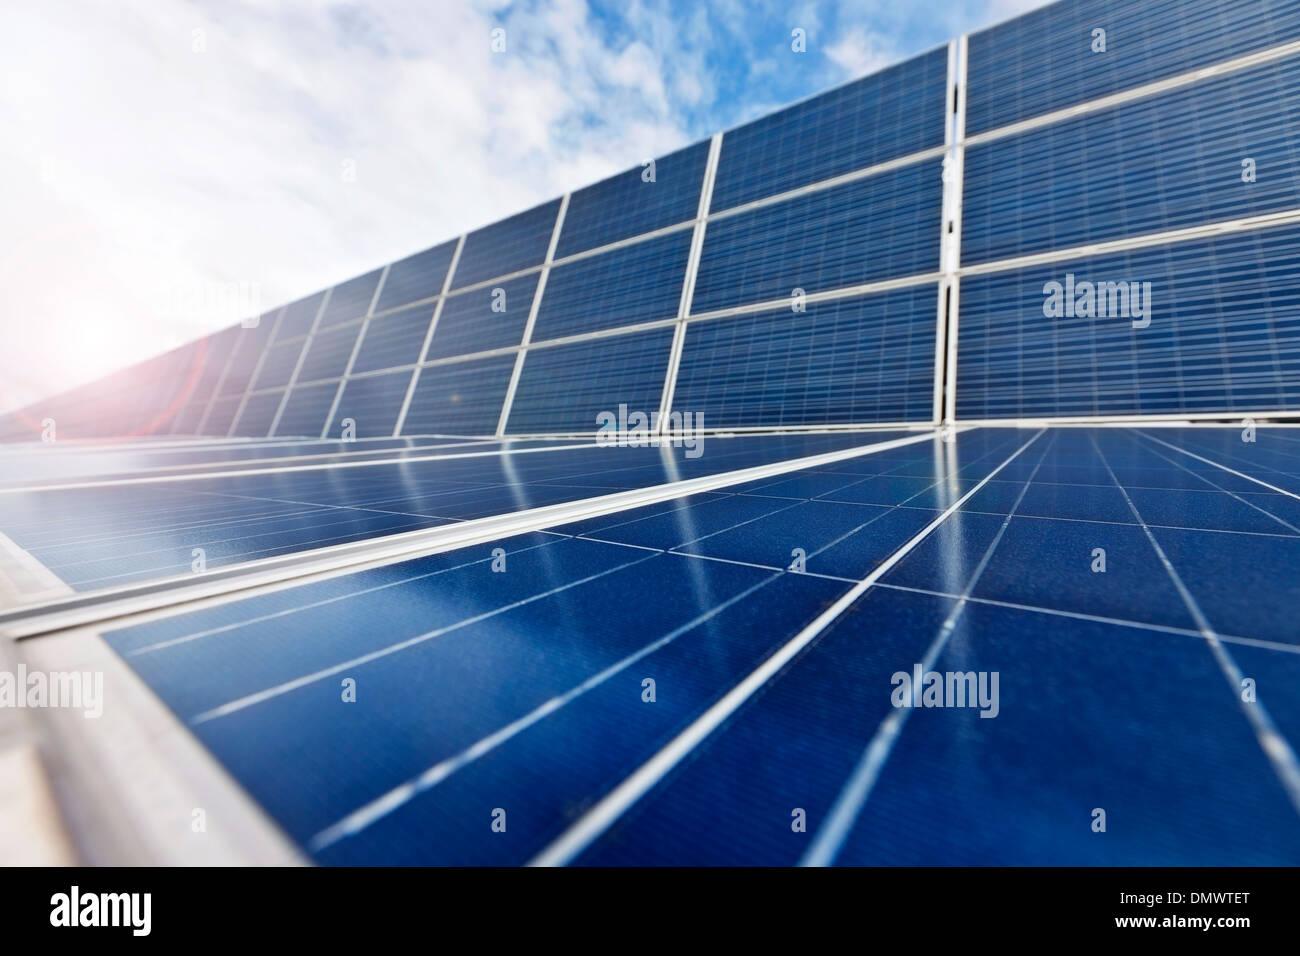 Las células fotovoltaicas o paneles solares en la luz del sol Foto de stock